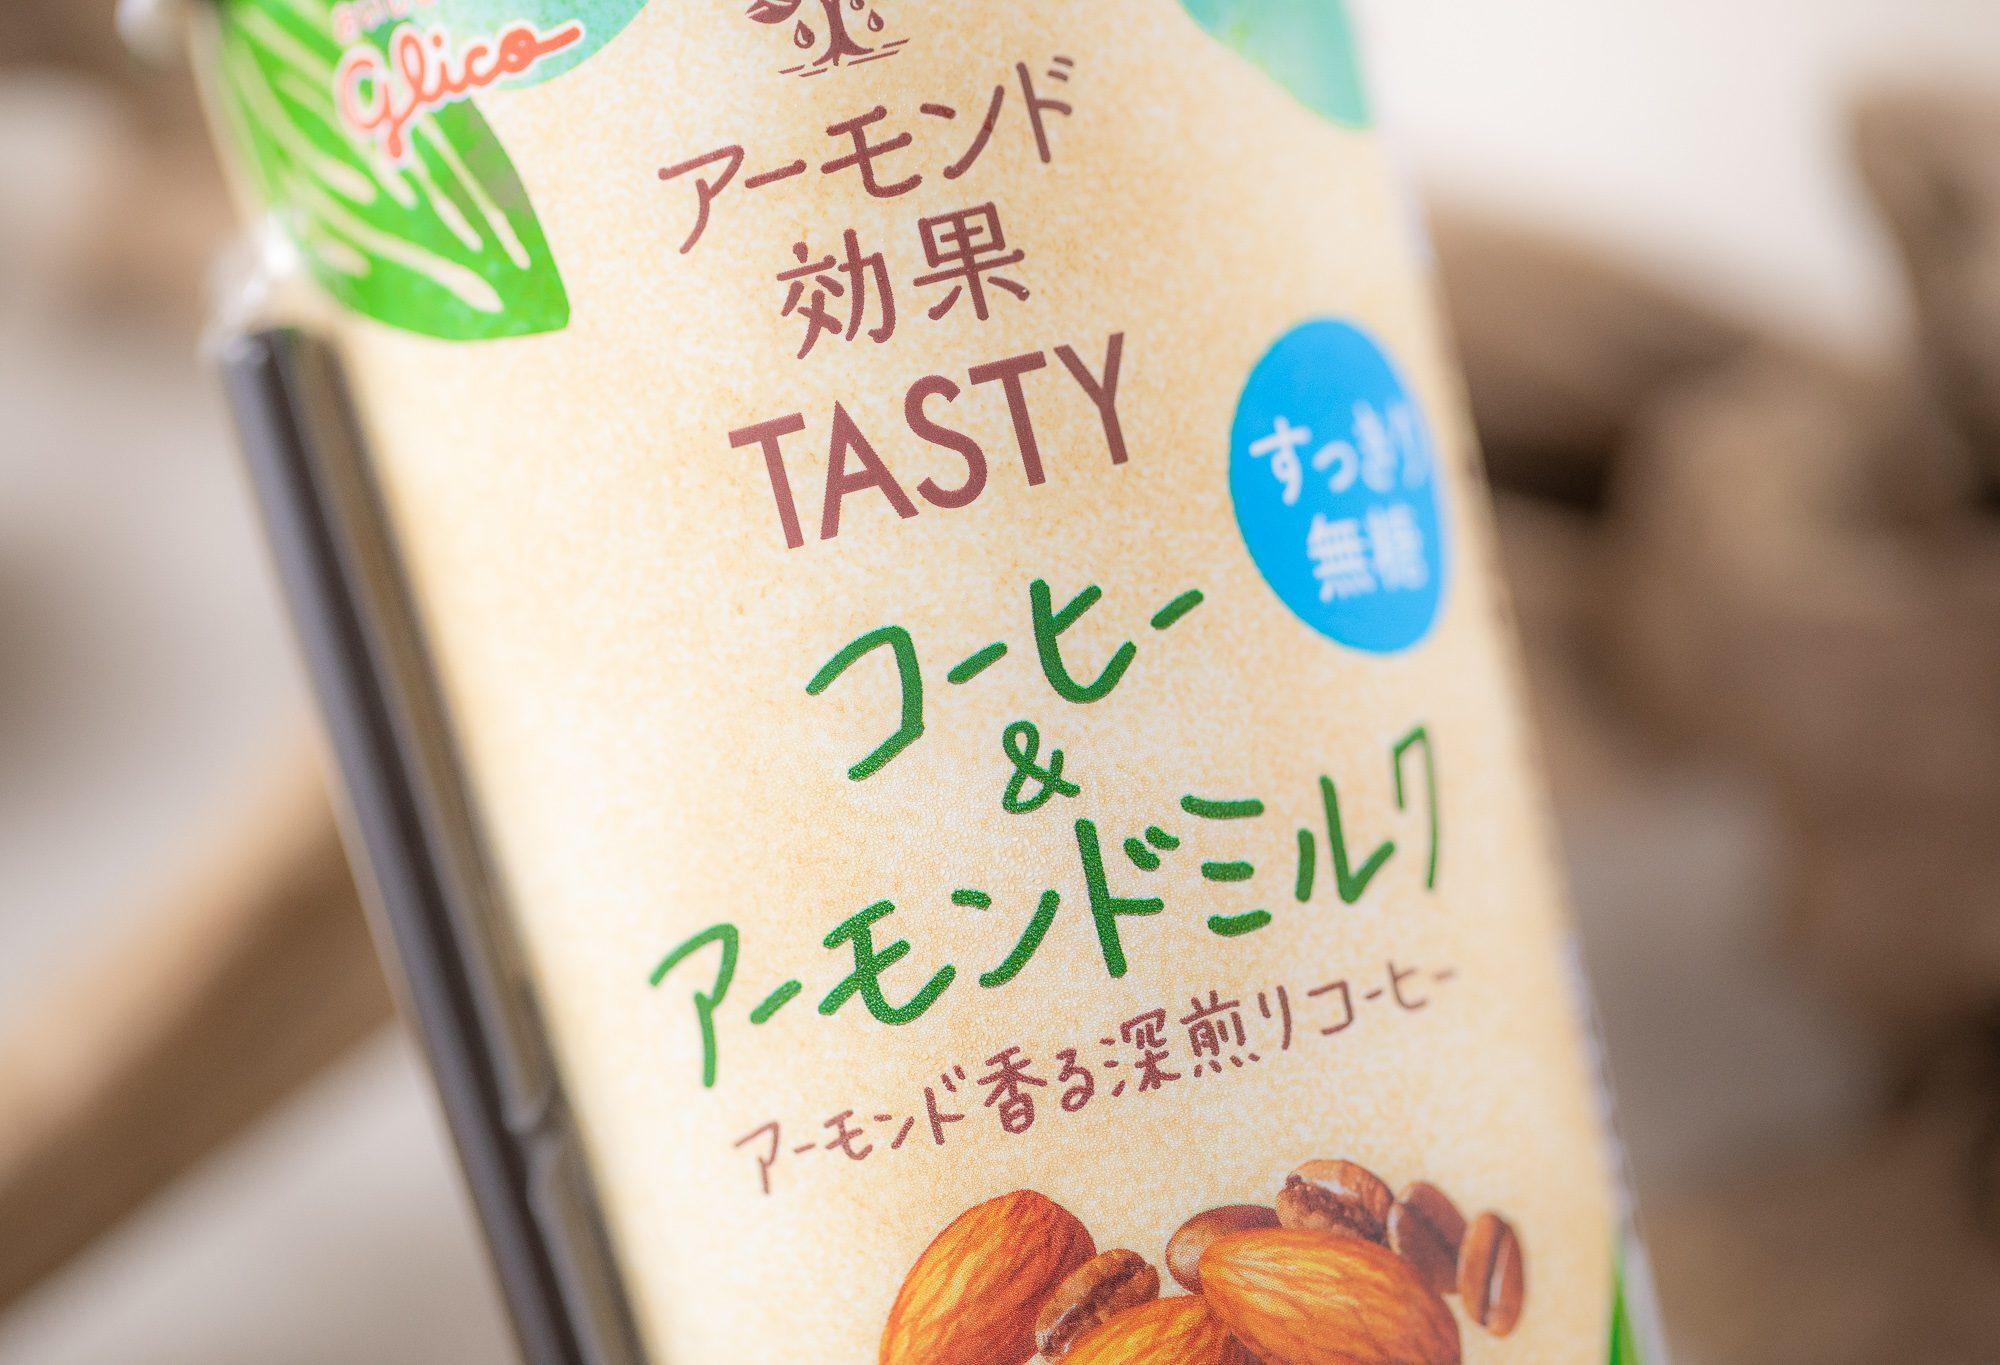 グリコ『アーモンド効果TASTY コーヒー&アーモンドミルク 220ml』はコーヒーの香ばしさとアーモンドの香ばしさの相性◎なすっきり無糖のアーモンドミルクコーヒー!